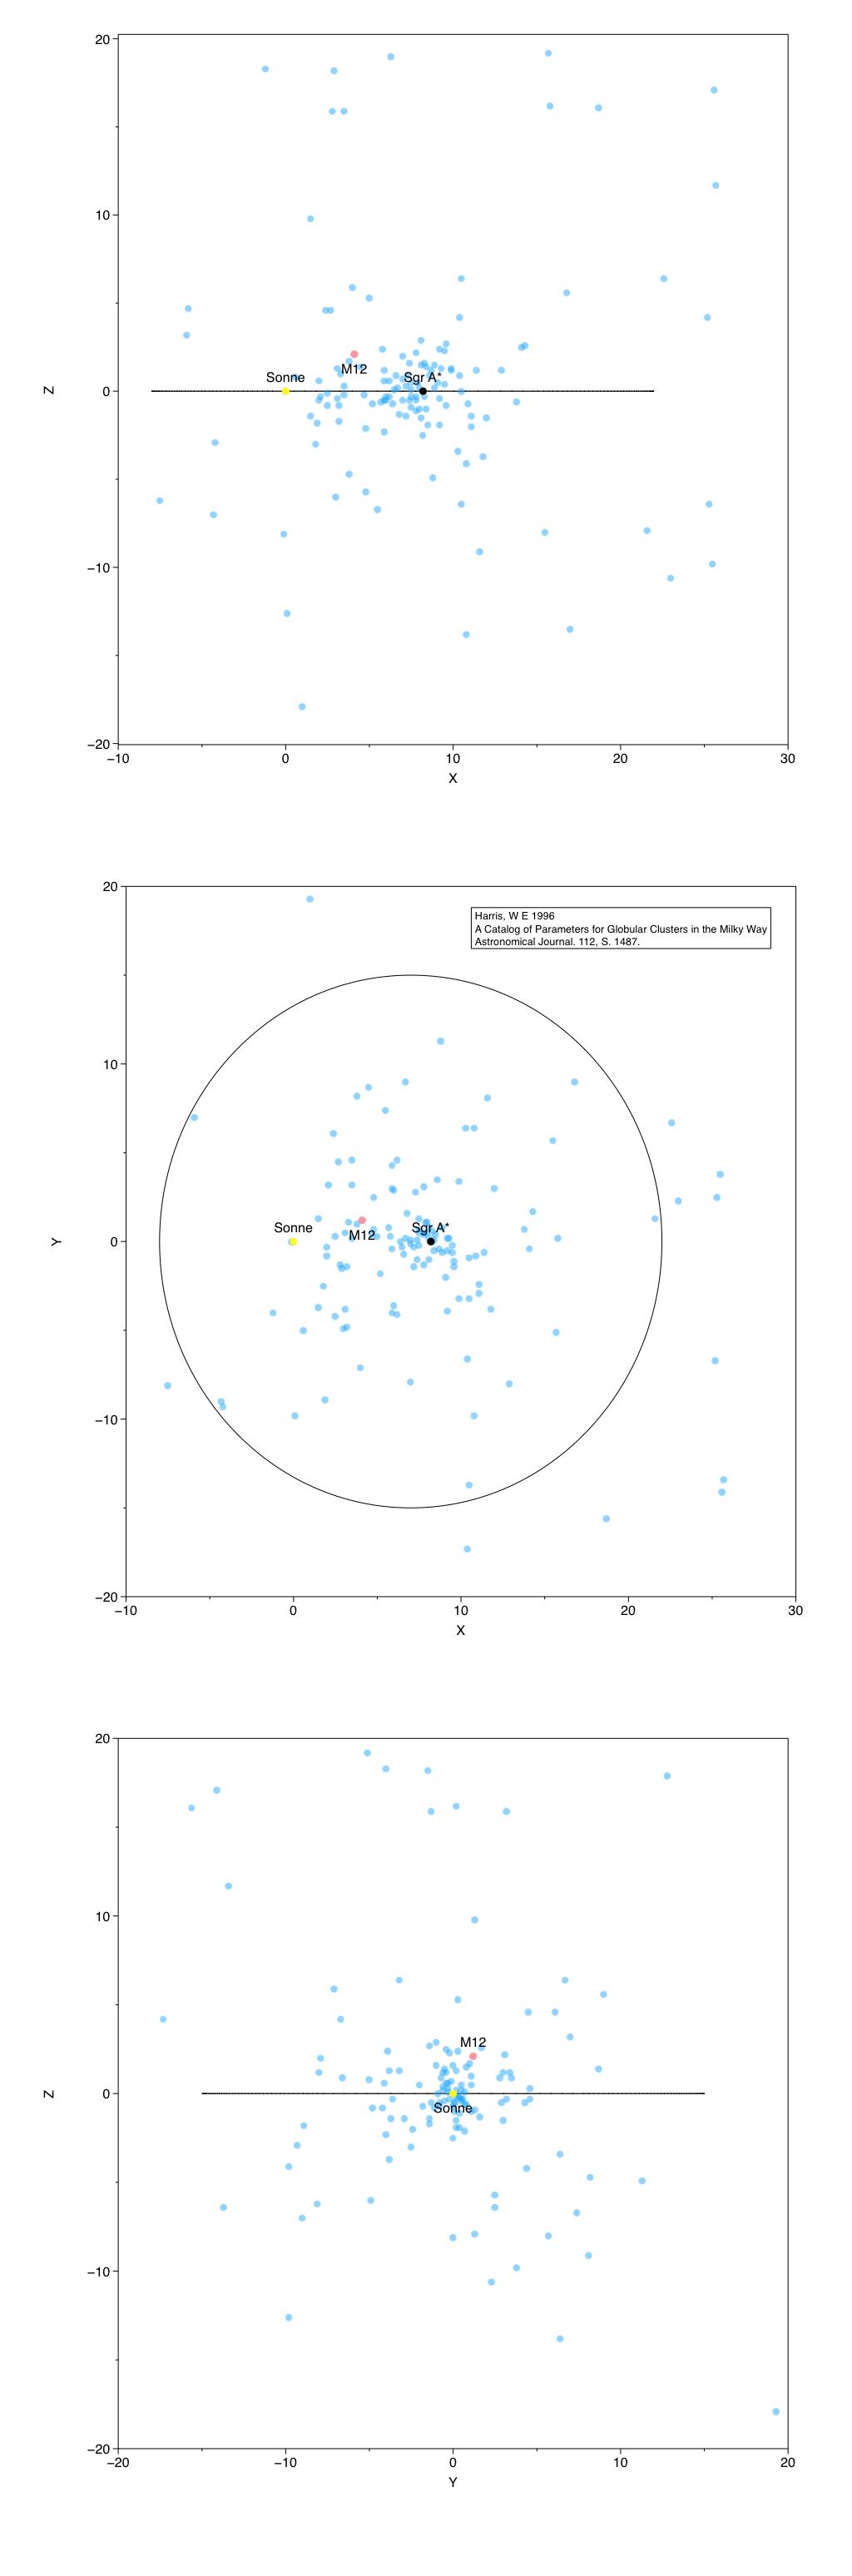 Die Position vom M12 (rot) innerhalb der Milchstrasse. Sonne (gelb), Zentrum der Milchstraße (schwarz), andere Kugelsternhaufen (blau). Die Milchstraße wird durch einen erweiterten Kreis mit einem Durchmesser von 30 kpc angedeutet. Die x-Achse zeigt Richtung des Zentrum und die y-Achse in Richtung der Rotation der Milchstraße, die z-Achse weist auf den galaktischen Nordpol.